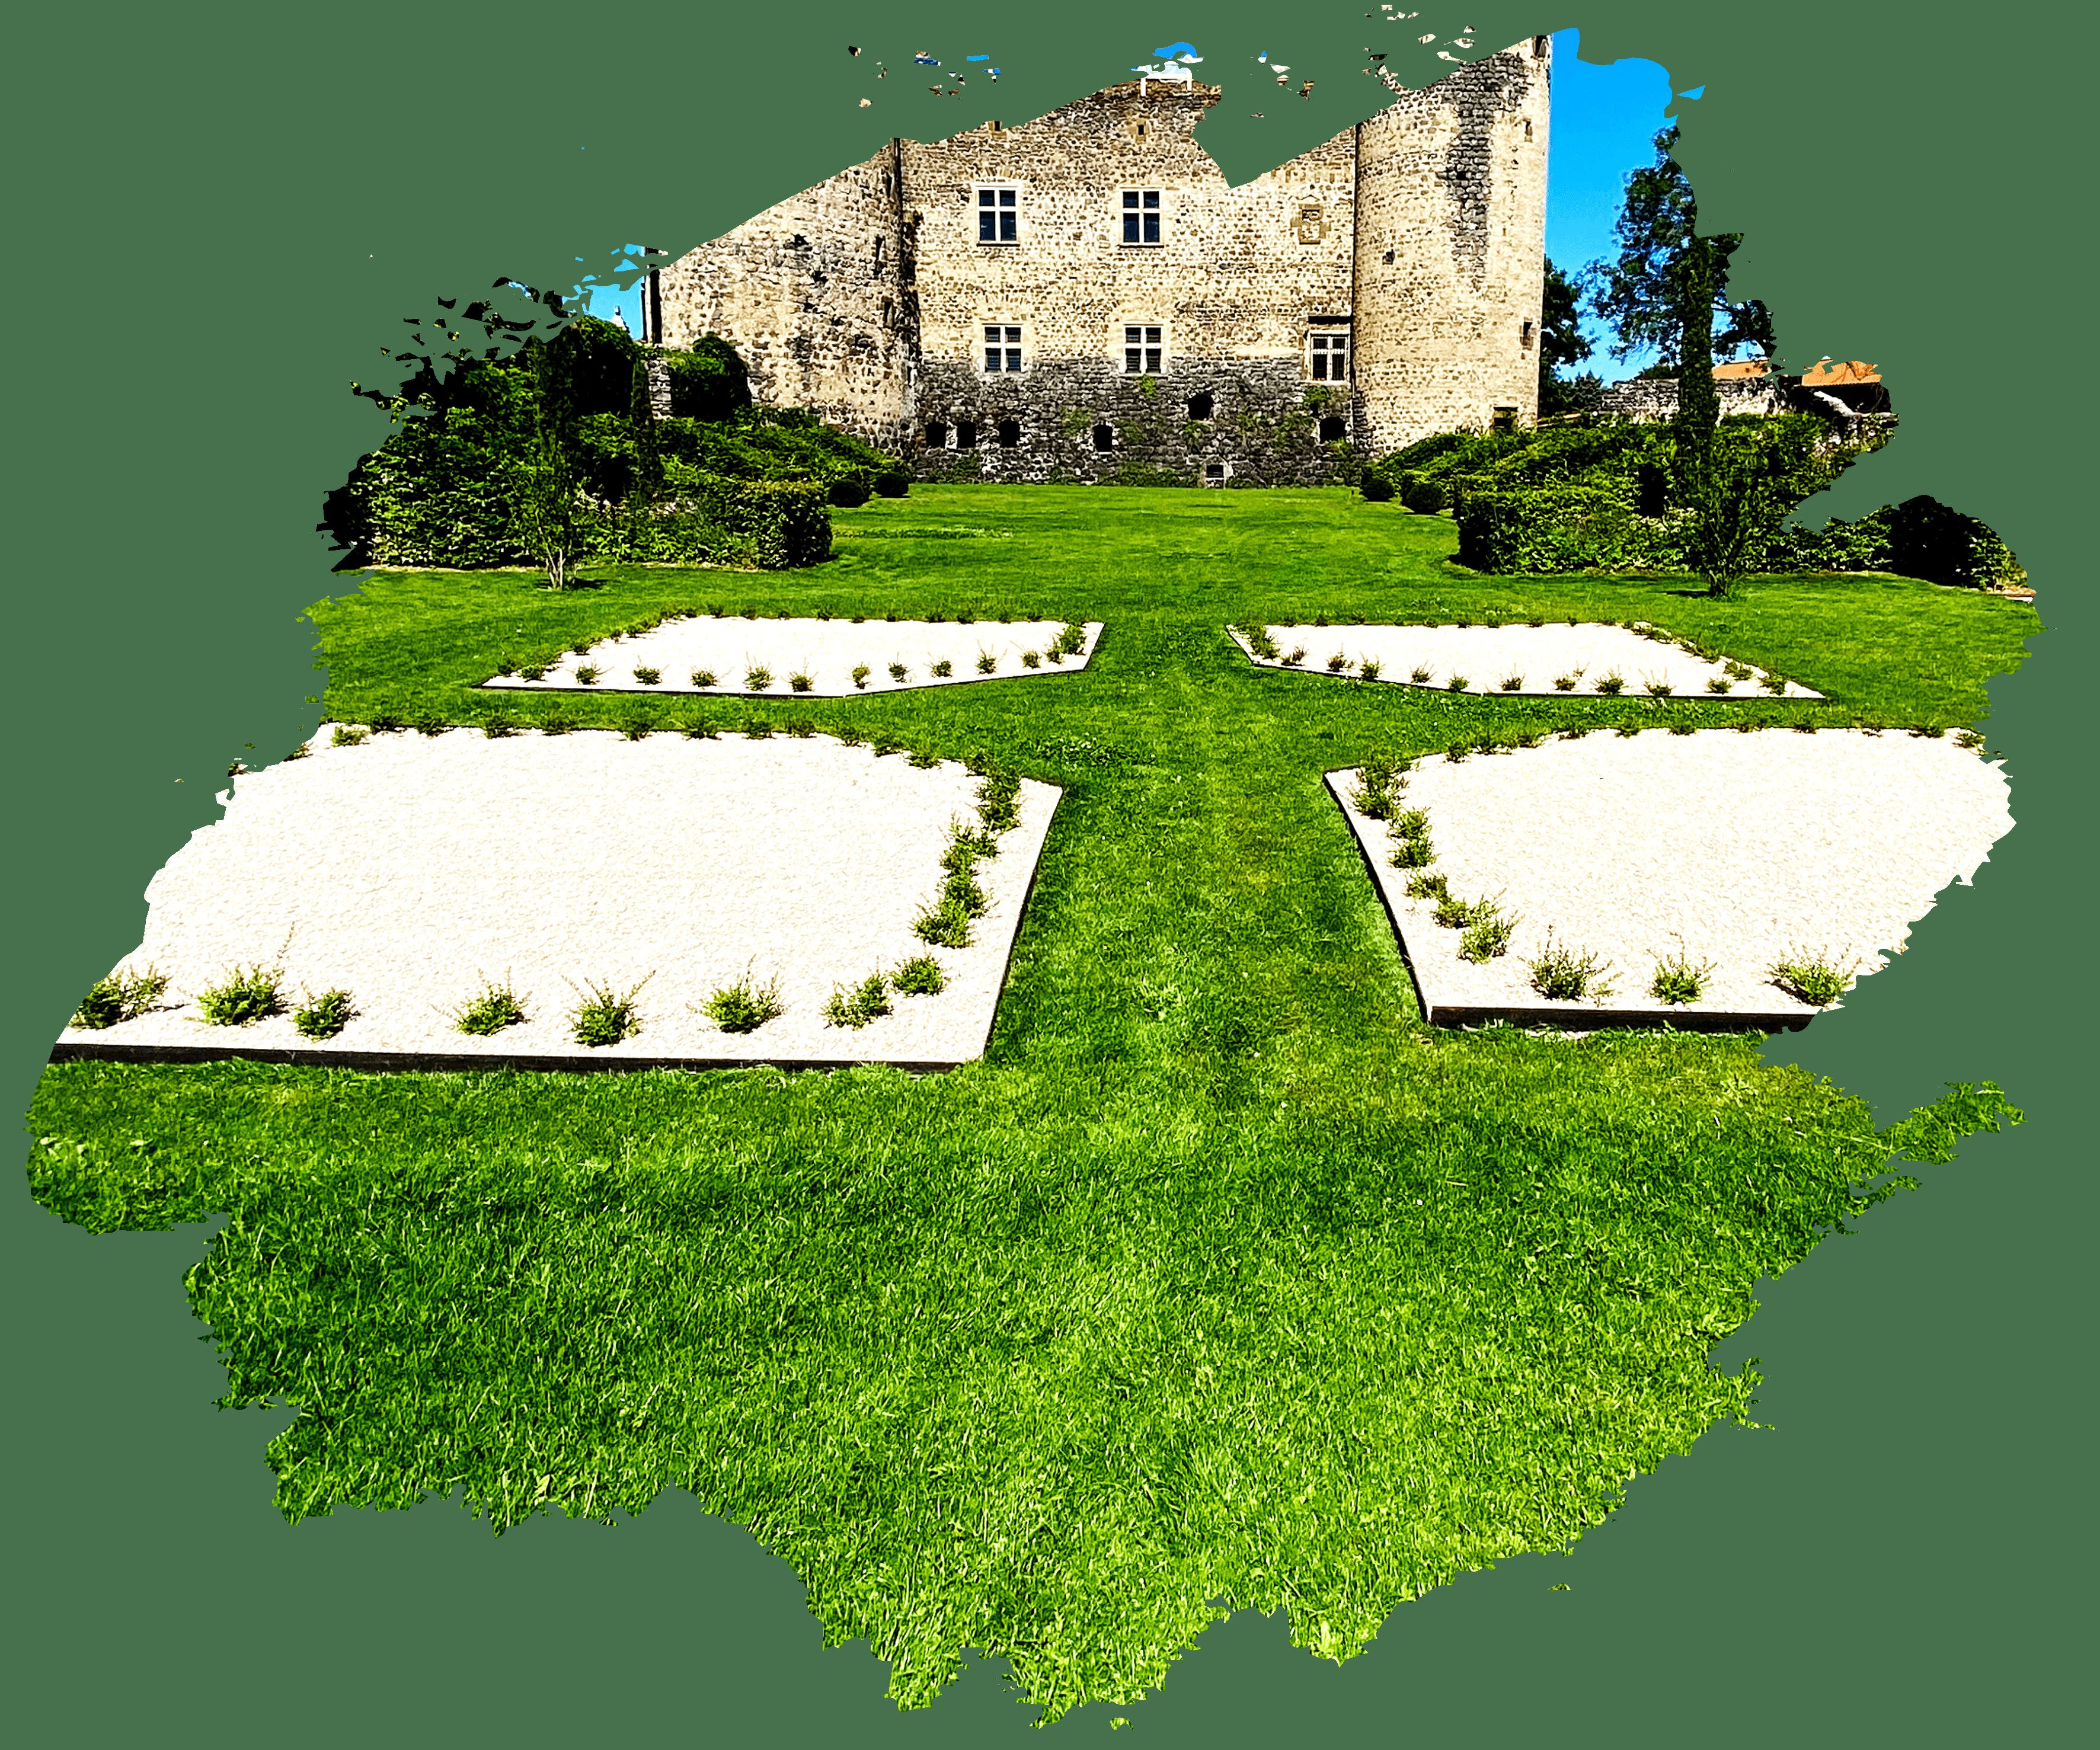 Photo du jardin à la française de la Forteresse de Saint Vidal